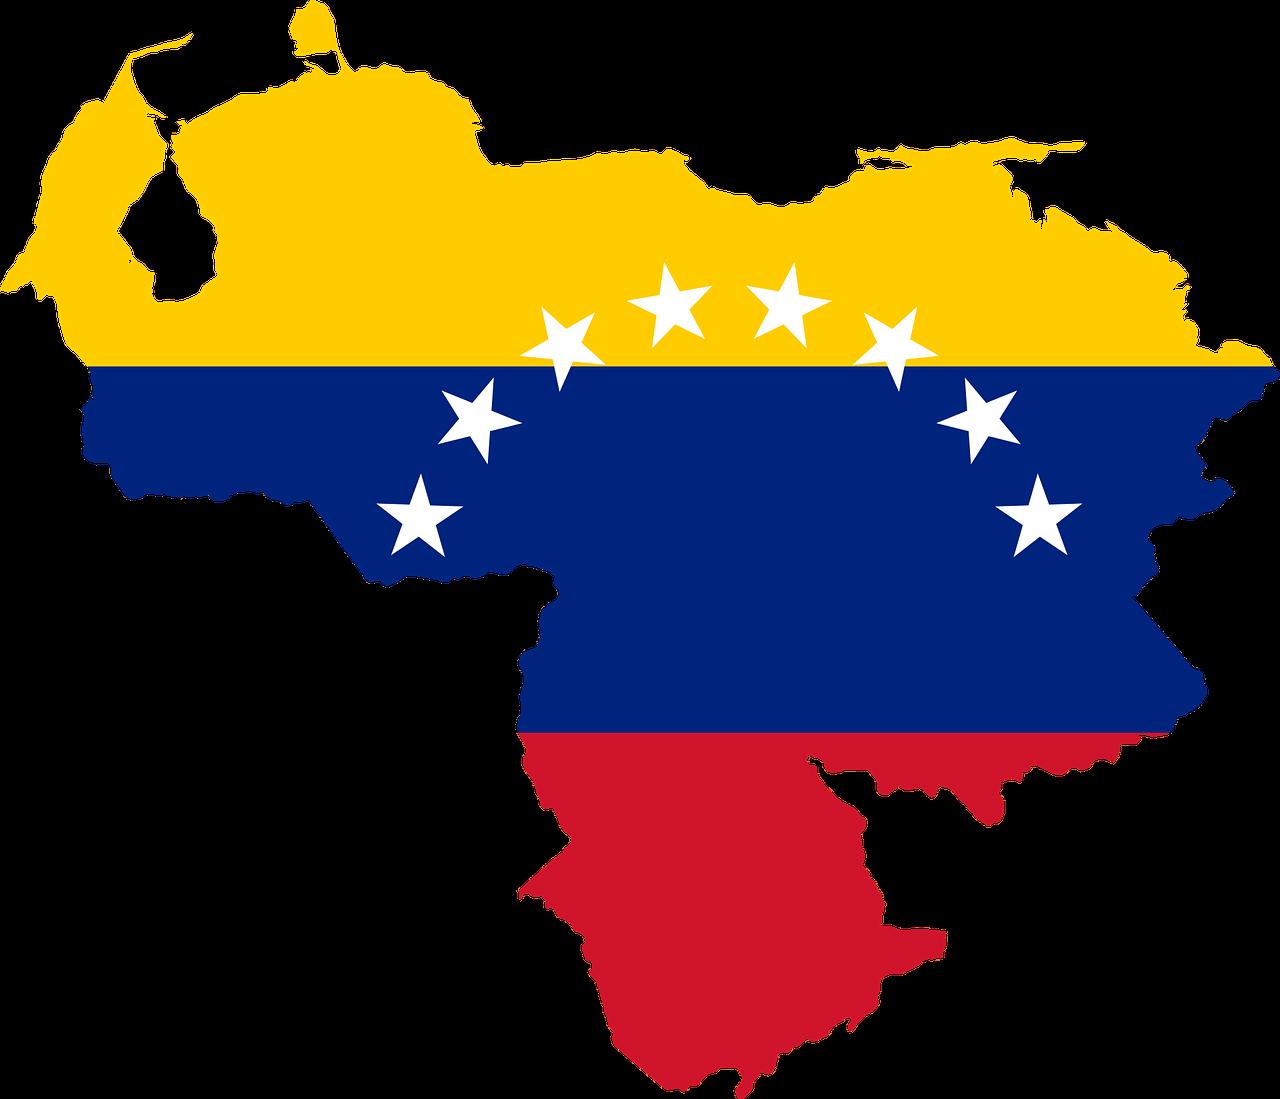 ¿Cómo hacer apuestas deportivas en dólares desde Venezuela?